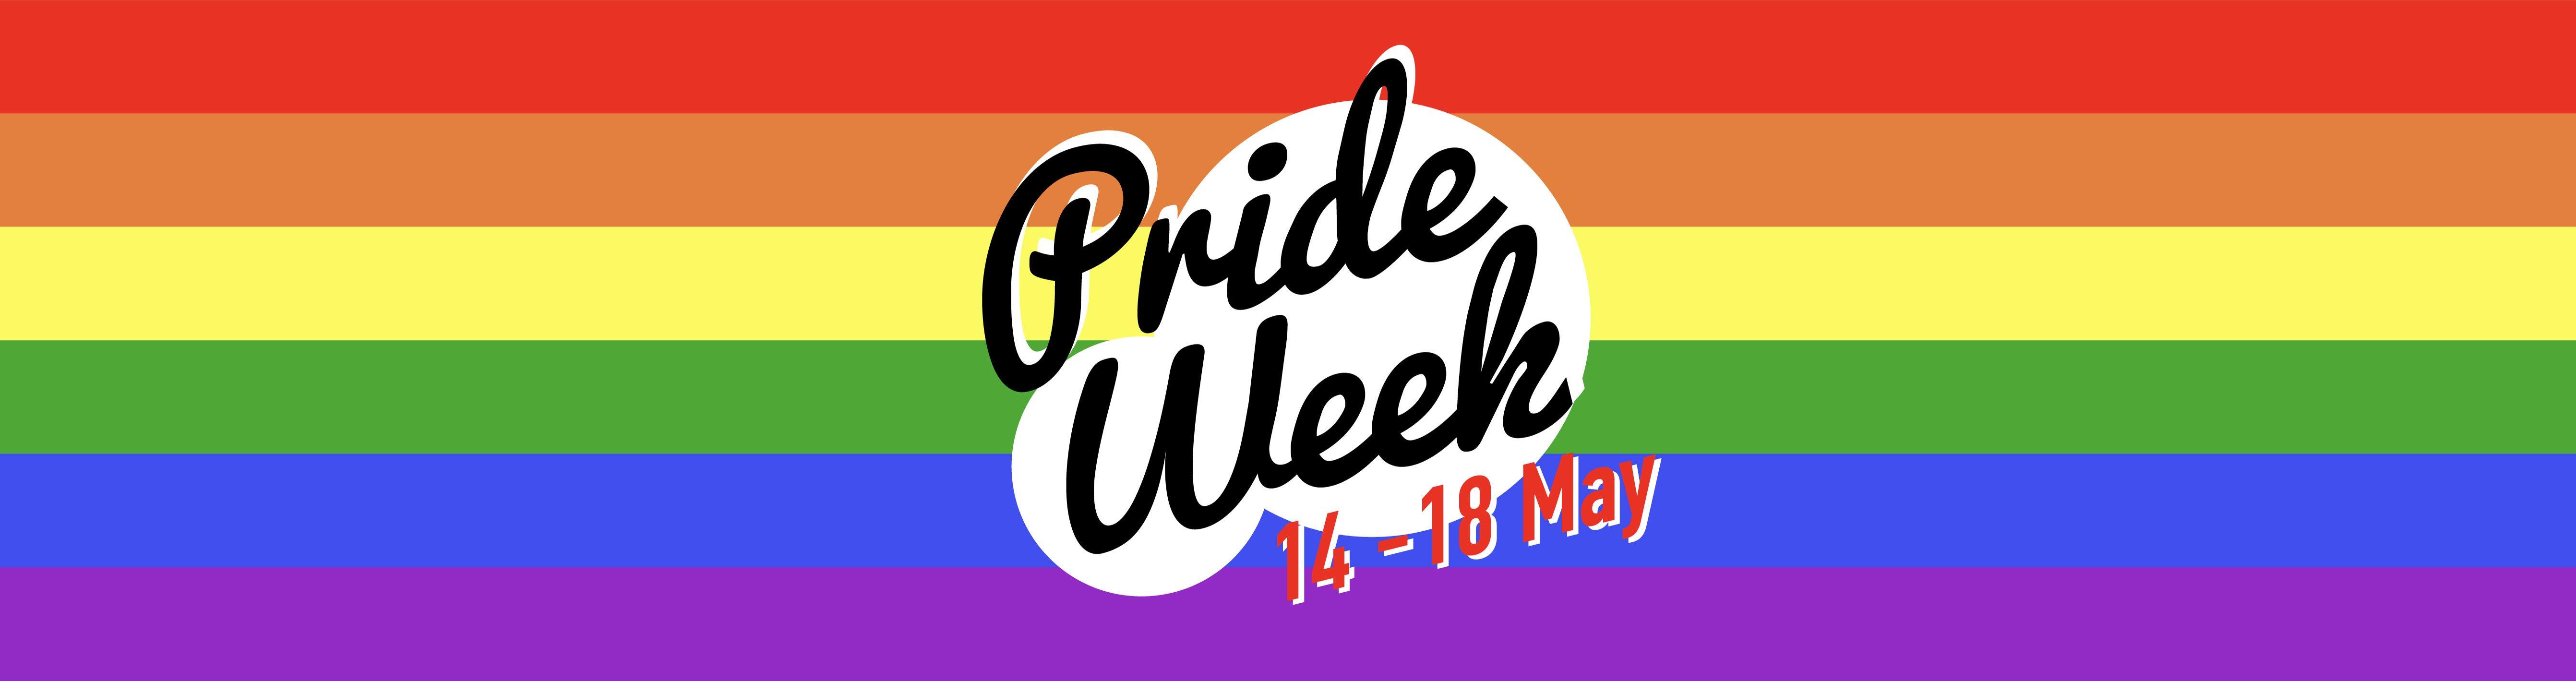 Deakin Pride Week banner